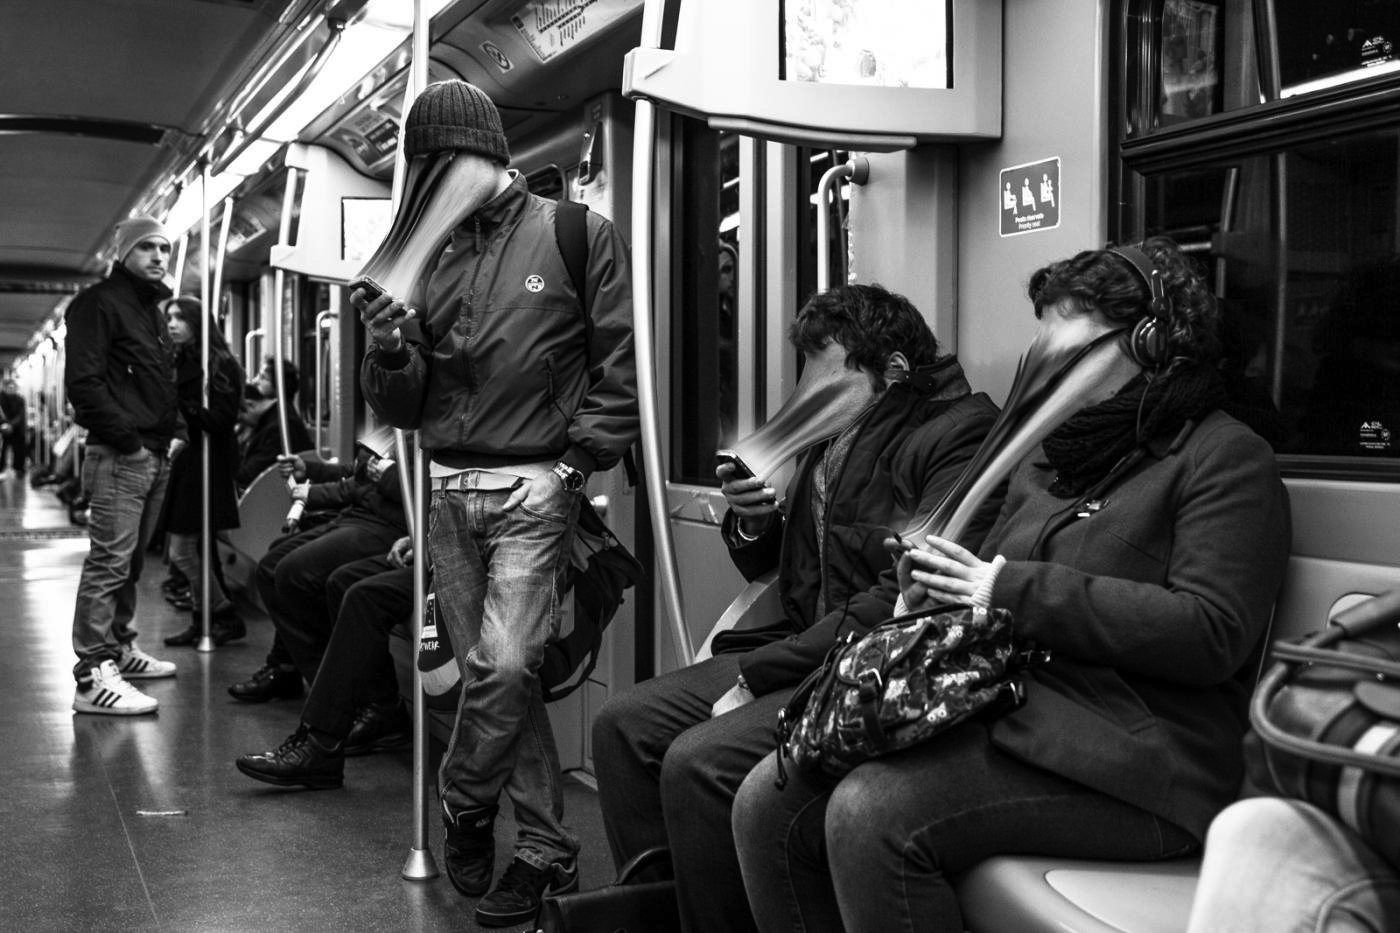 Auch der italienische Fotograf Max Cavallari hat Menschen in U-Bahnen und Wartehallenfotografiert, die völlig in ihre Smartphones vertieft sind.